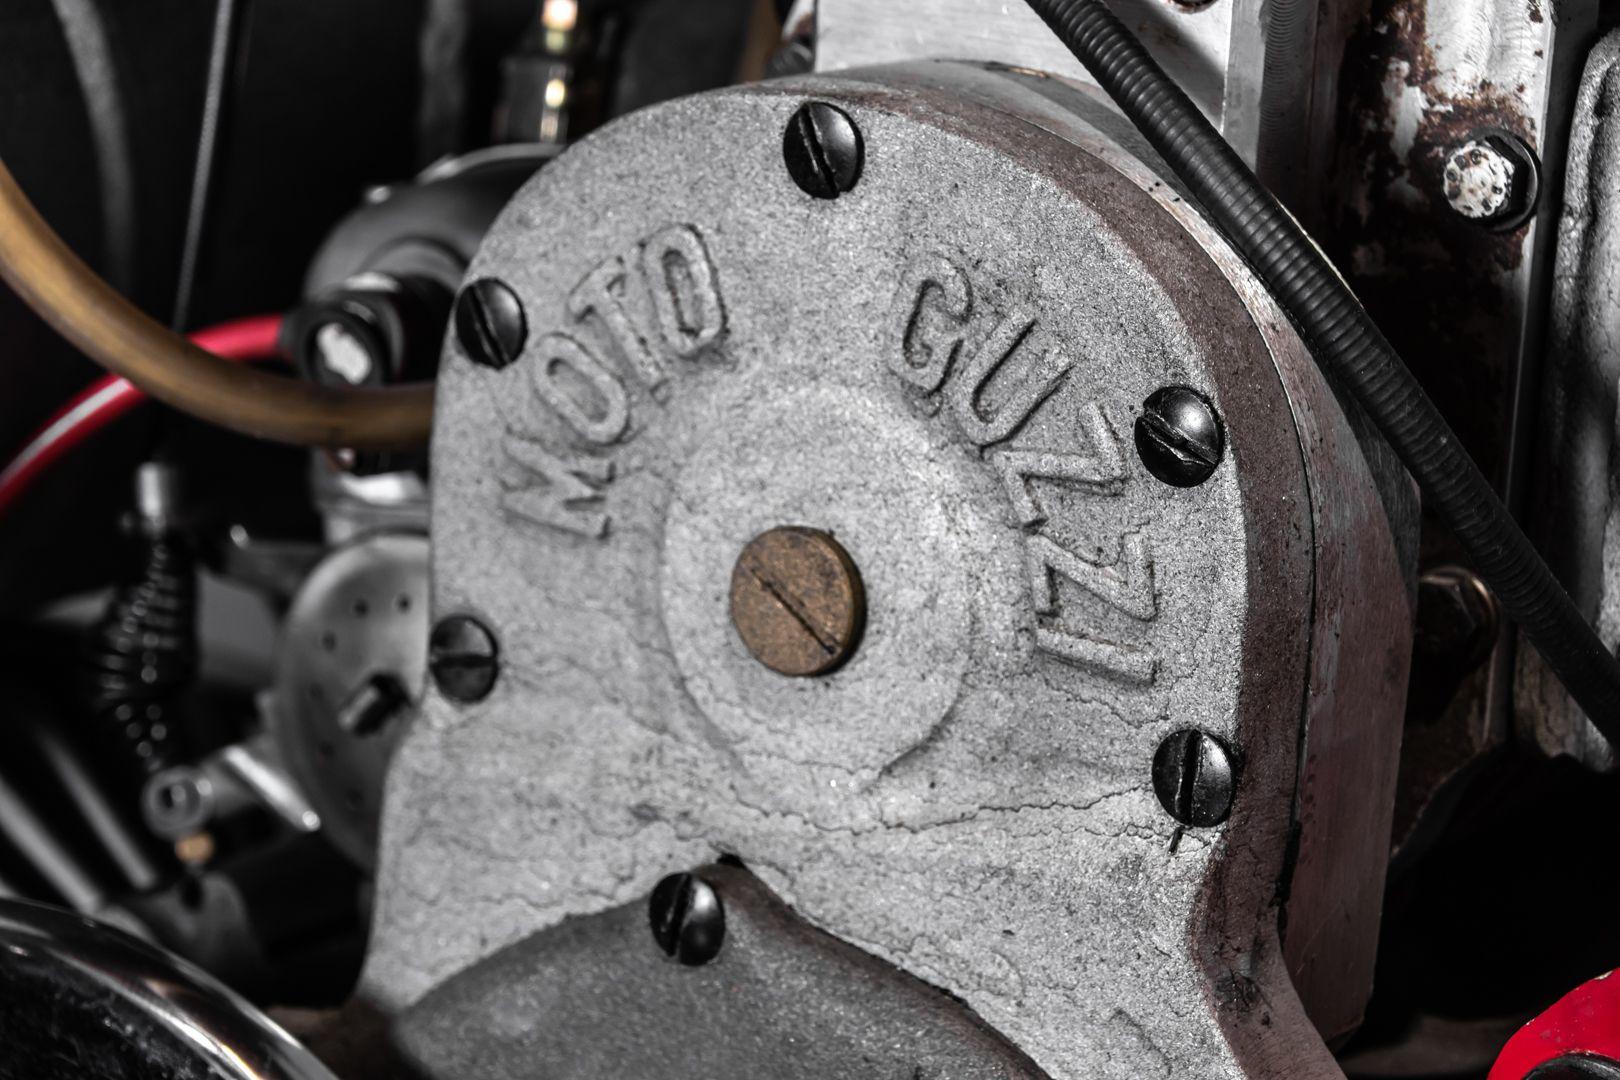 1938 Moto Guzzi 250 Compressore 77237